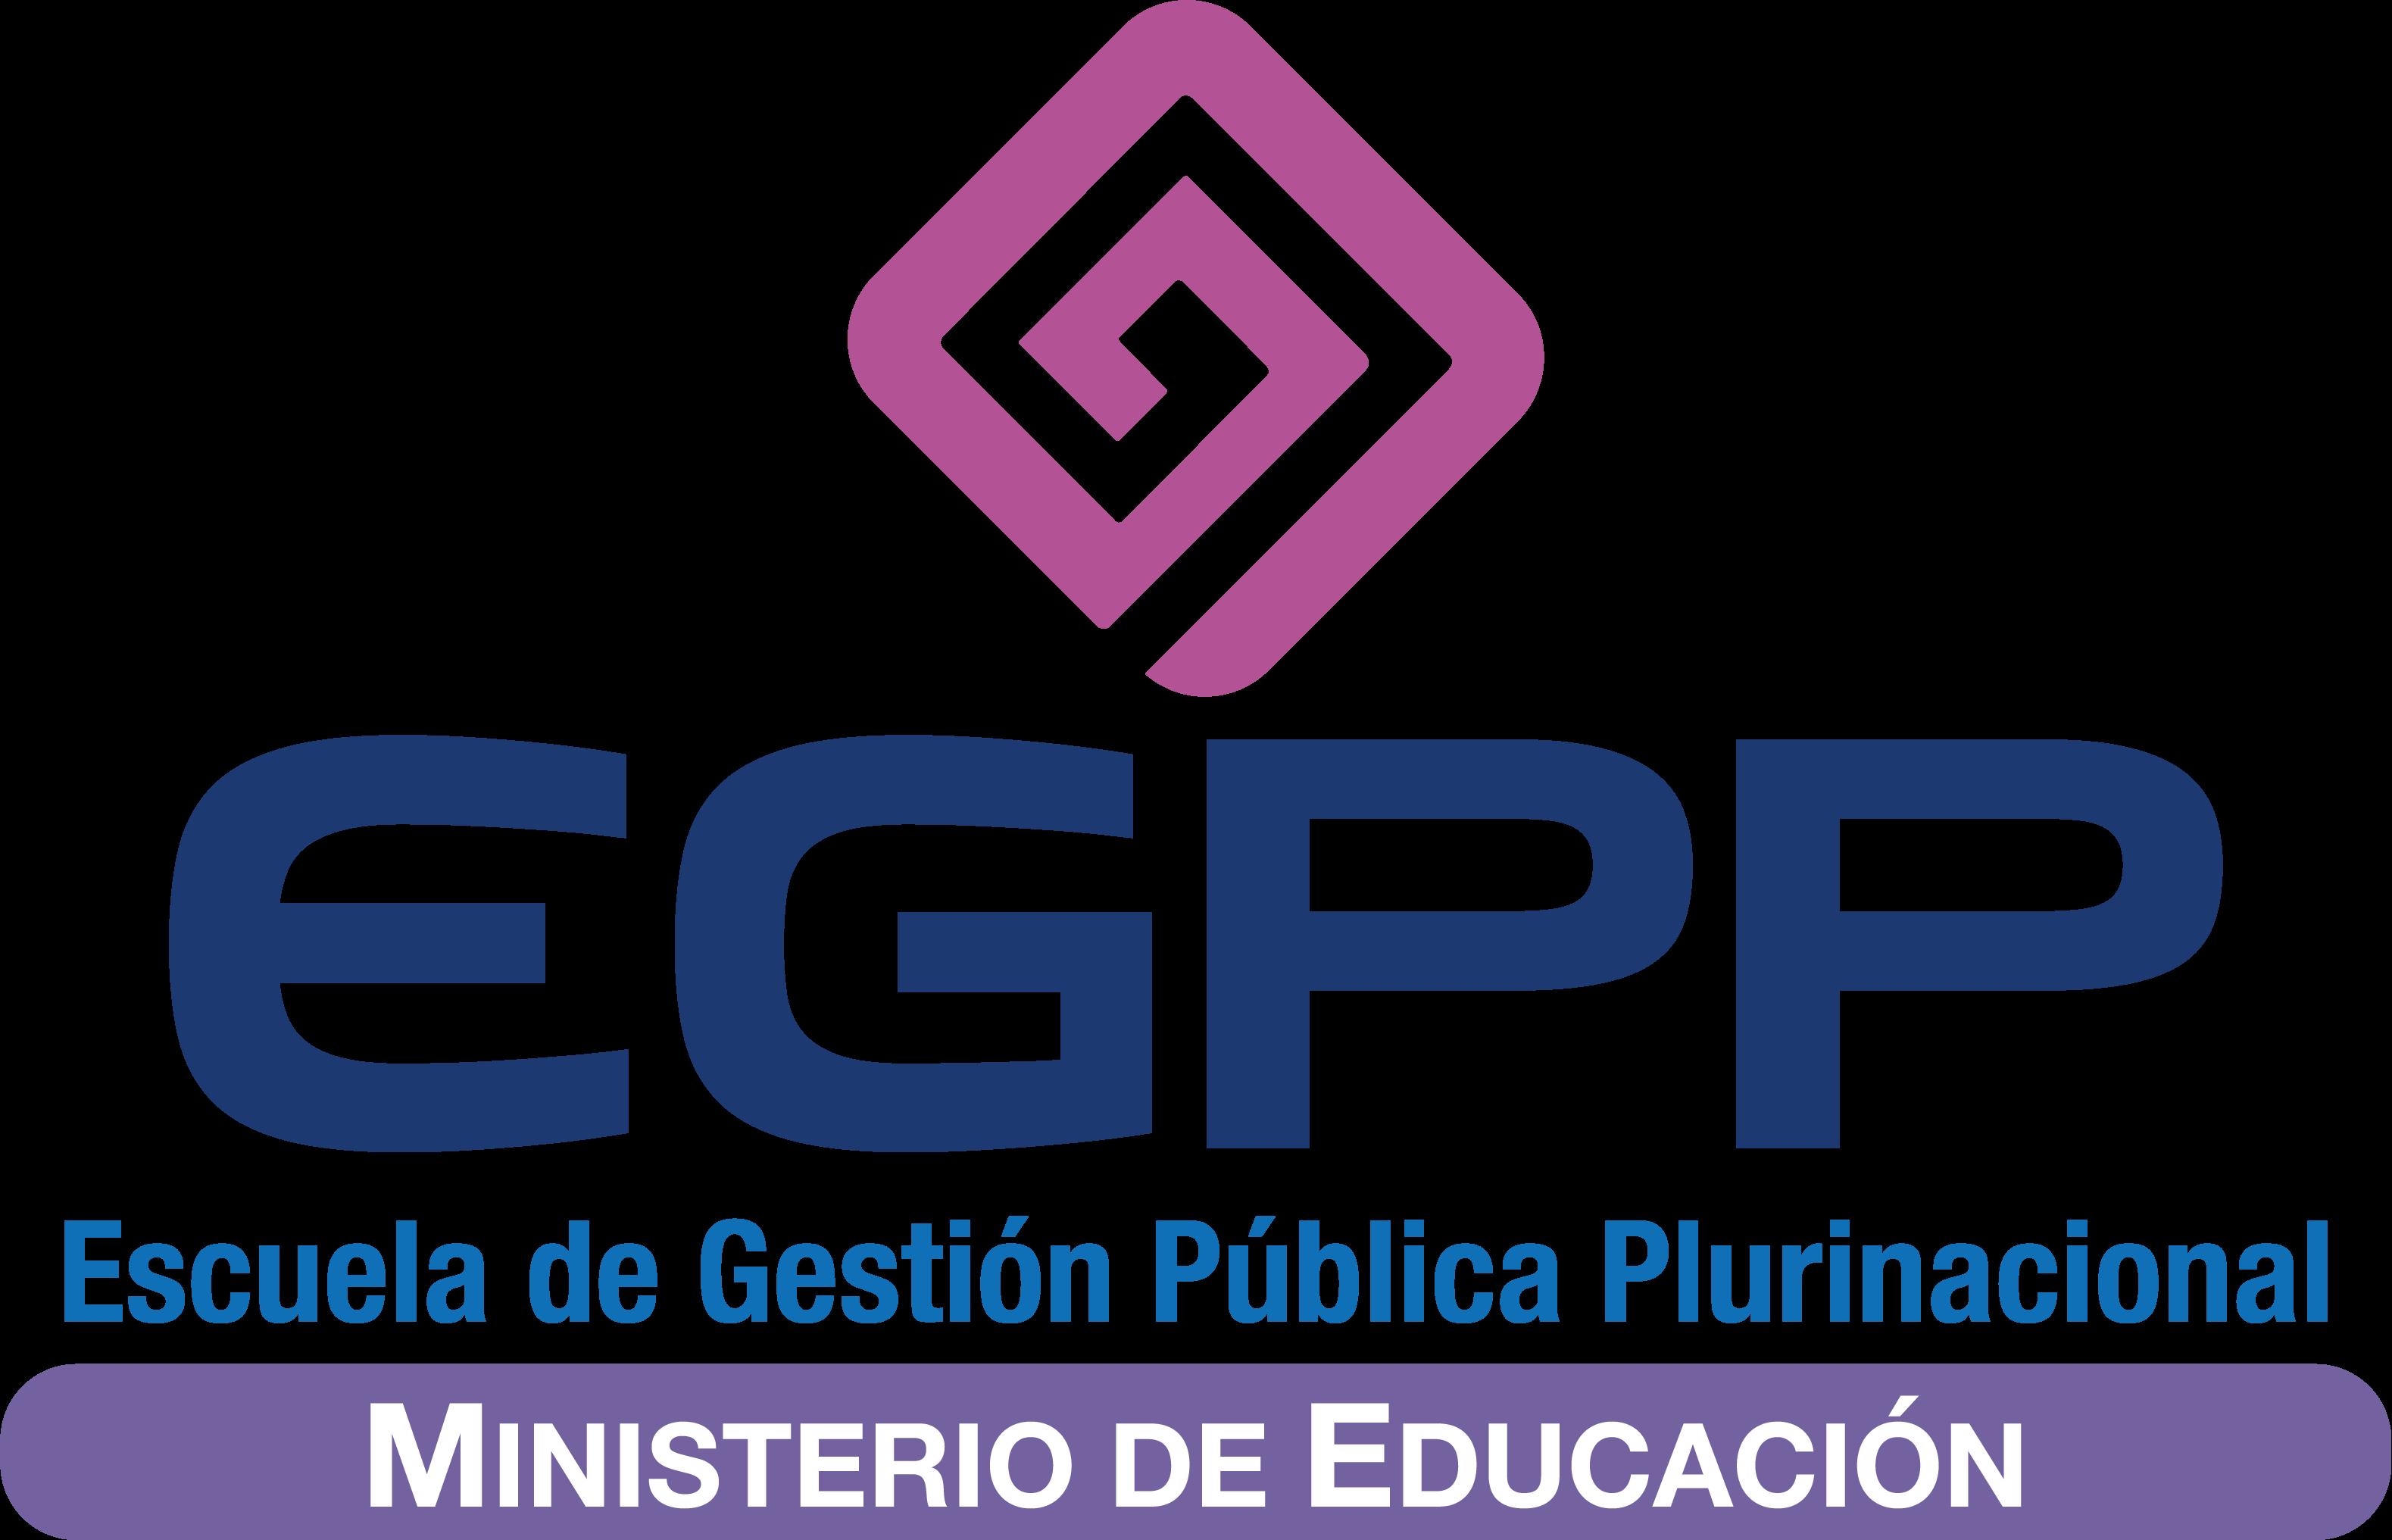 LogoEGPP10